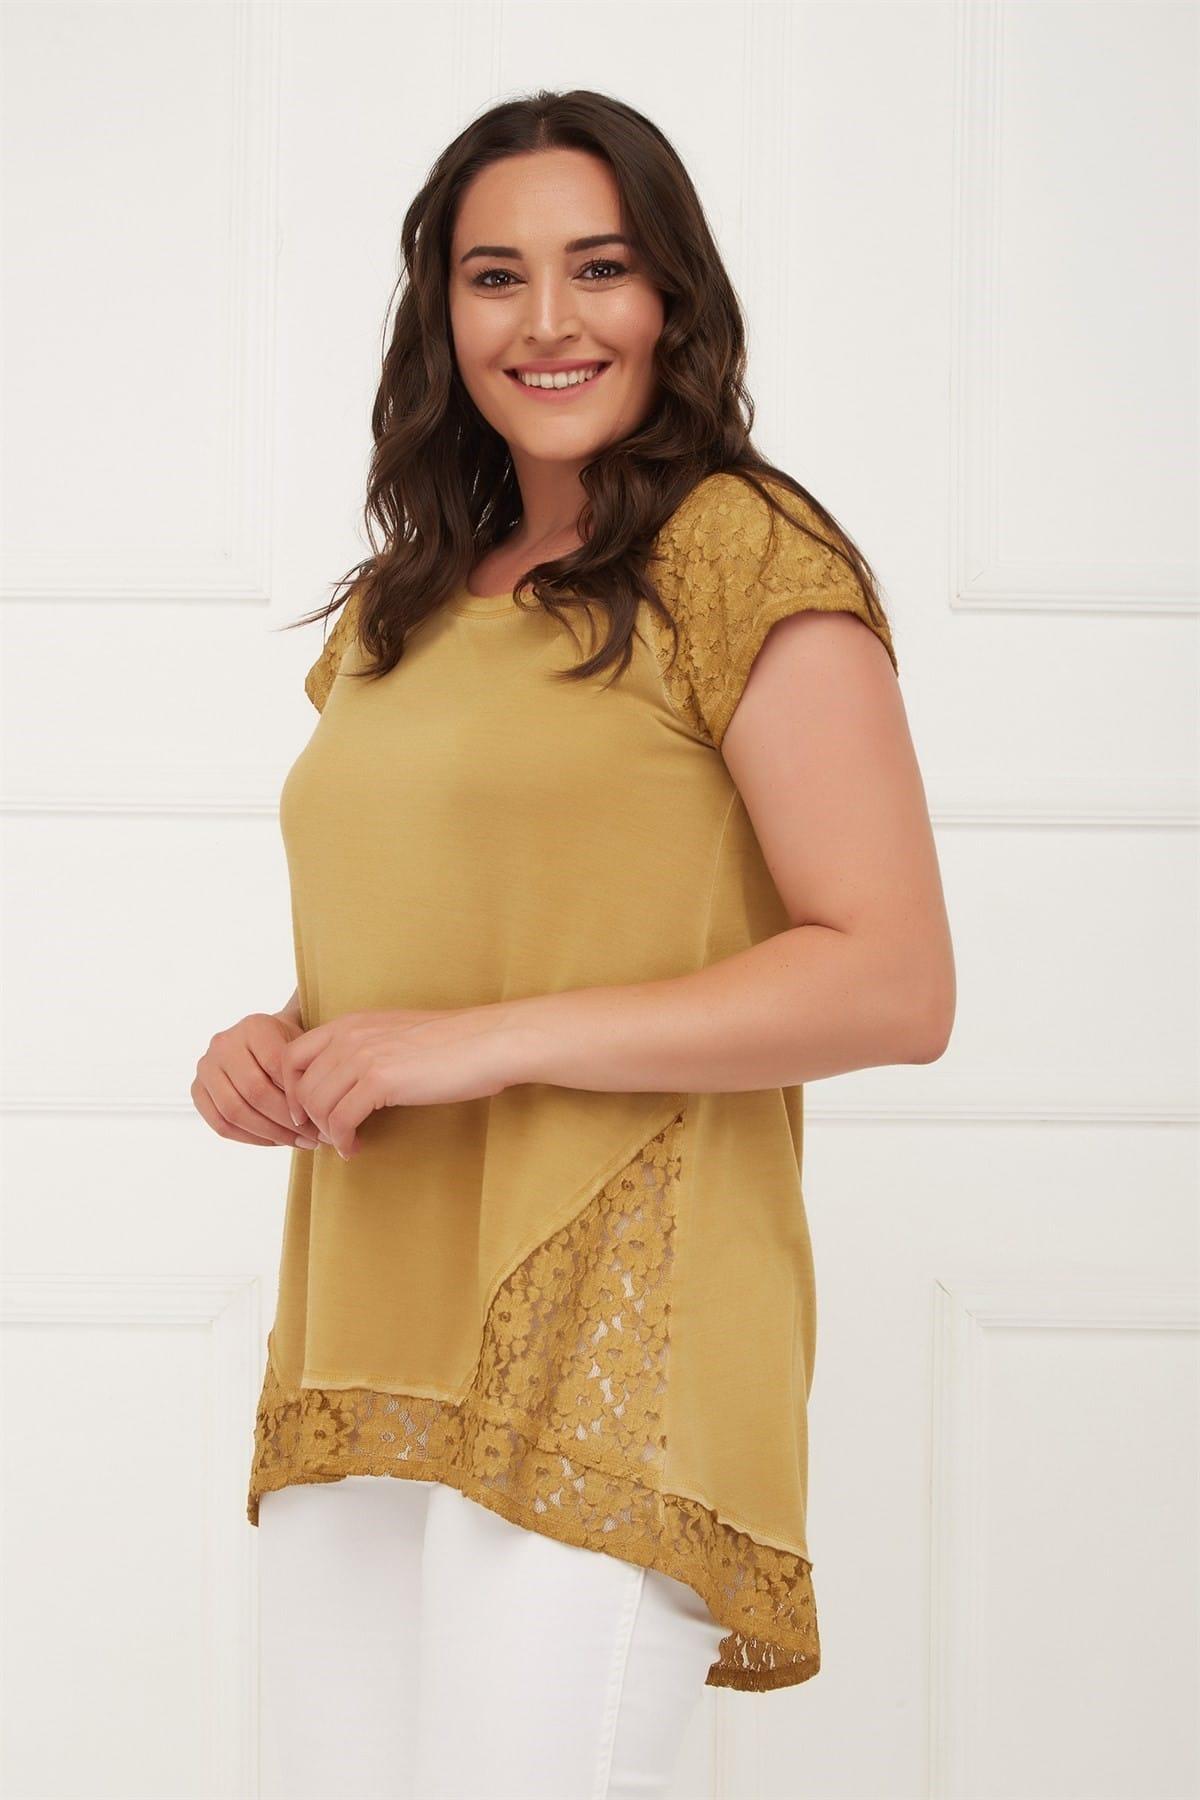 Seamoda Kadın Hardal Kolu Eteği Dantelli Yağ Yıkam Bluz PRA-429793-336415 2